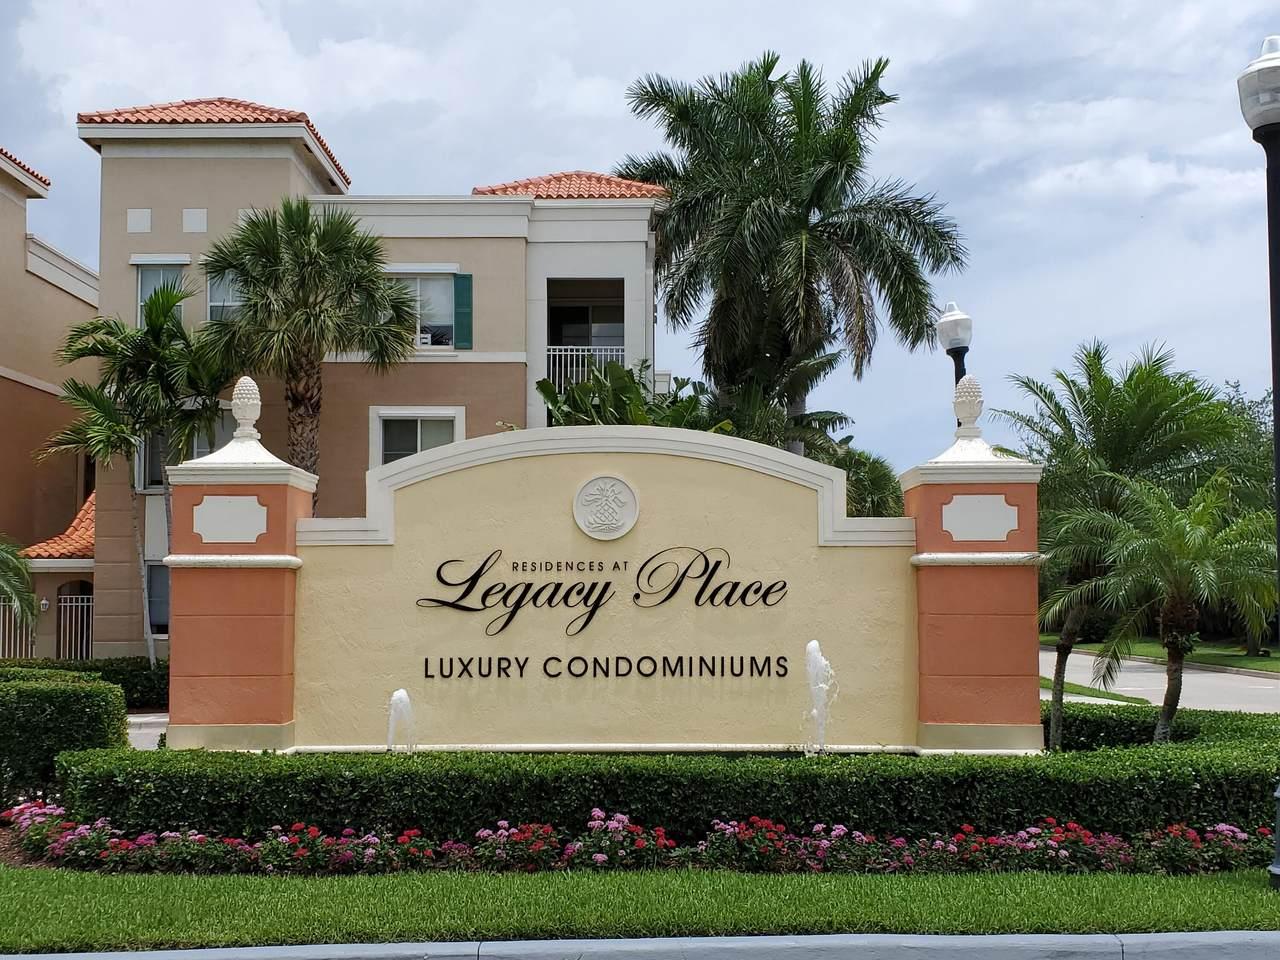 11019 Legacy Lane - Photo 1